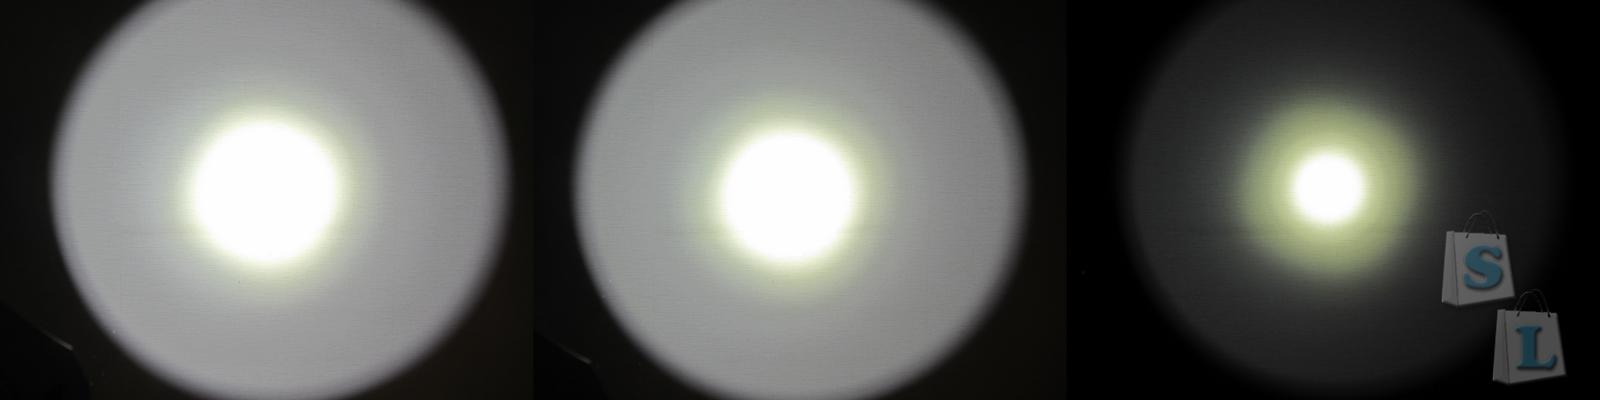 GearBest: Обзор 'небольшого' фонарика - Lumintop SD75.